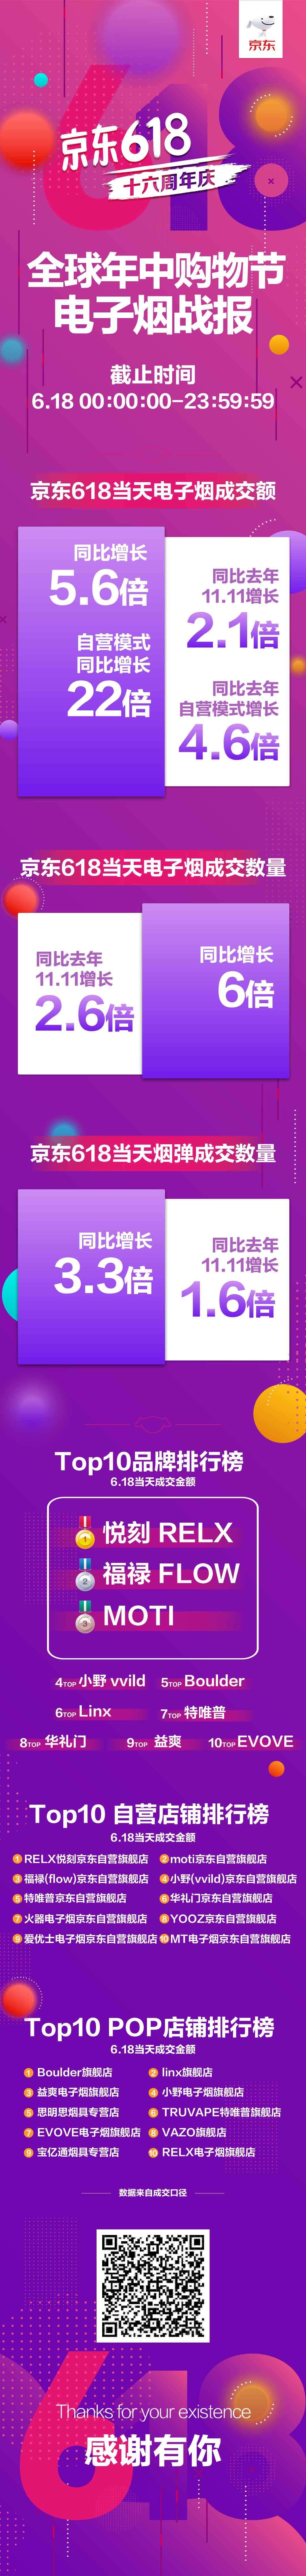 京东还发布了电子烟TOP10品牌排行榜,前三名分别为:悦刻RELX、福禄FLOW、魔笛MOTI。